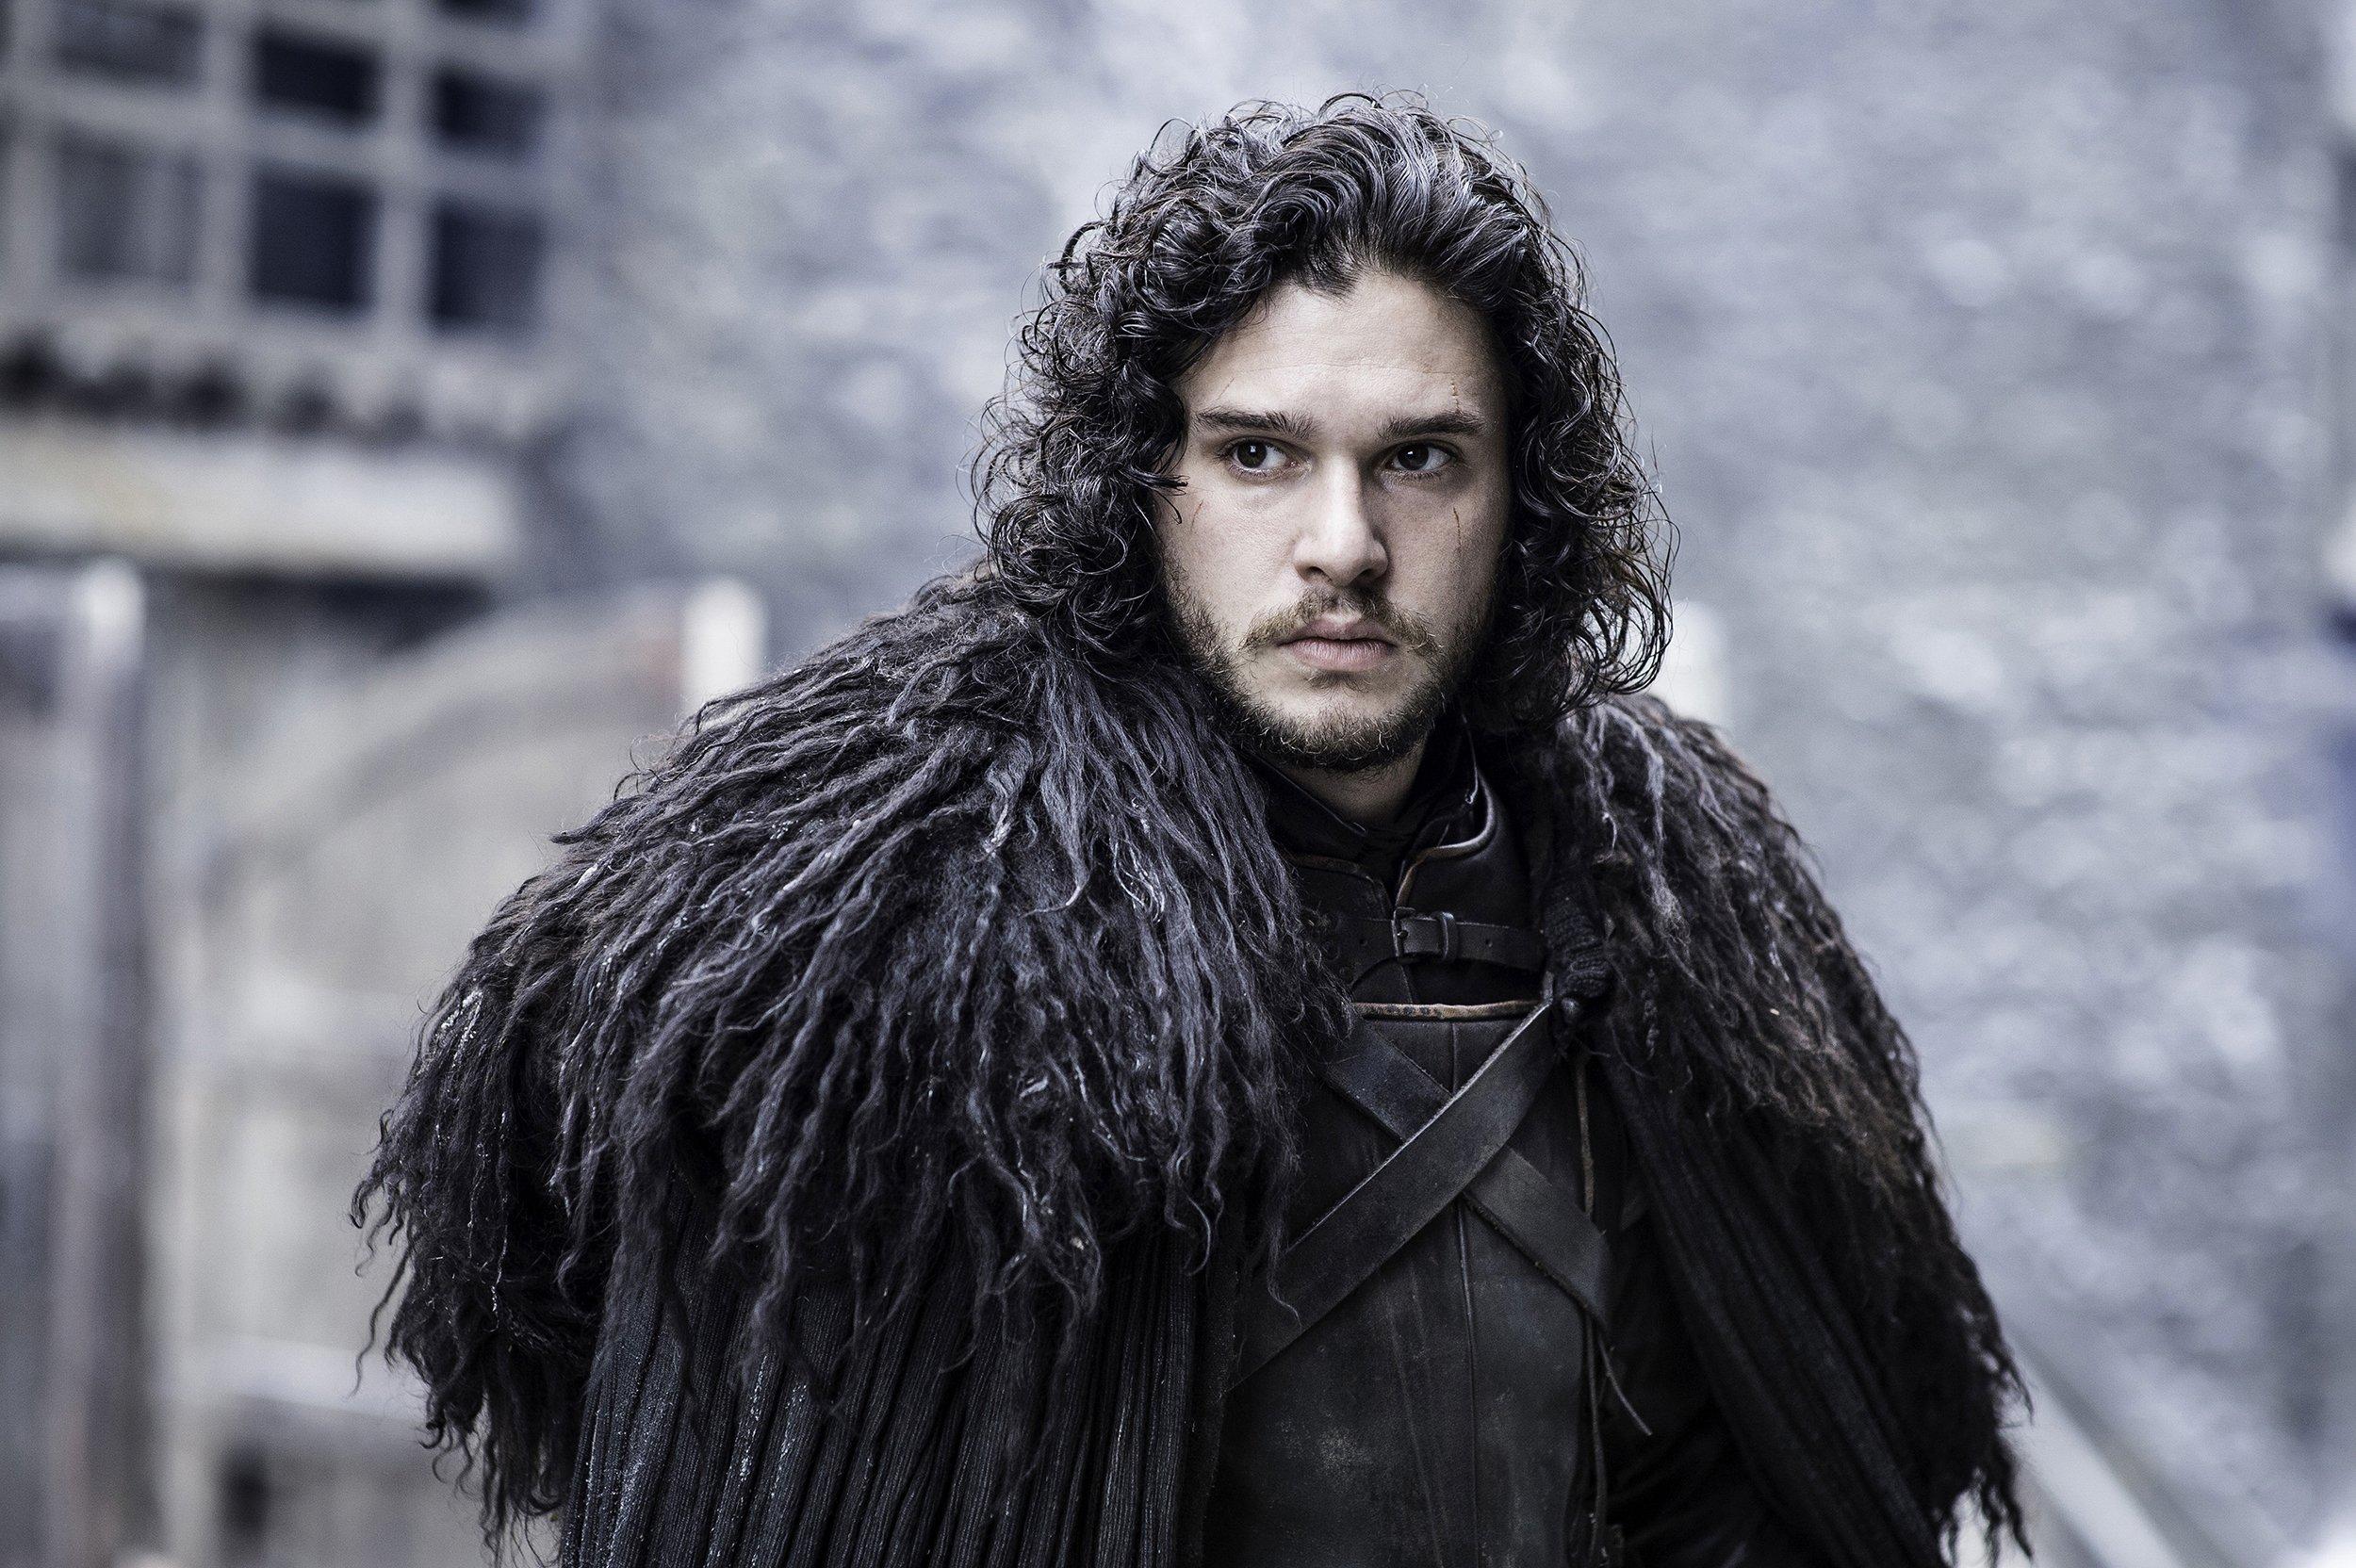 El rey destronado: HBO puede perder su liderazgo sin series nuevas